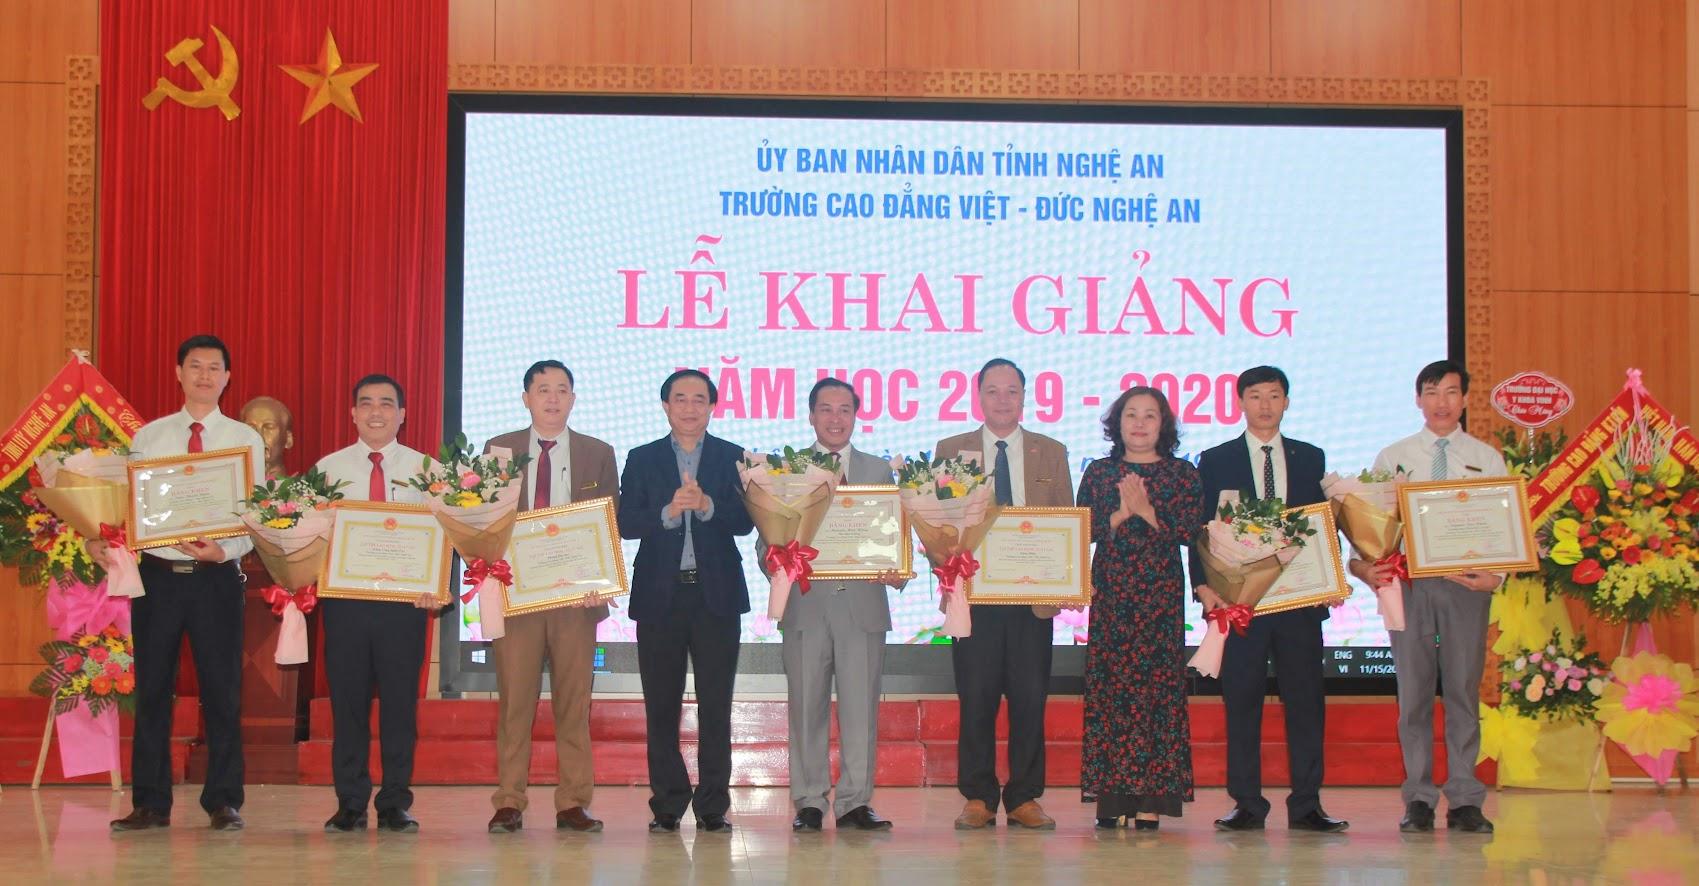 Trao bằng khen của UBND tỉnh Nghệ An cho các tập thể, cá nhân